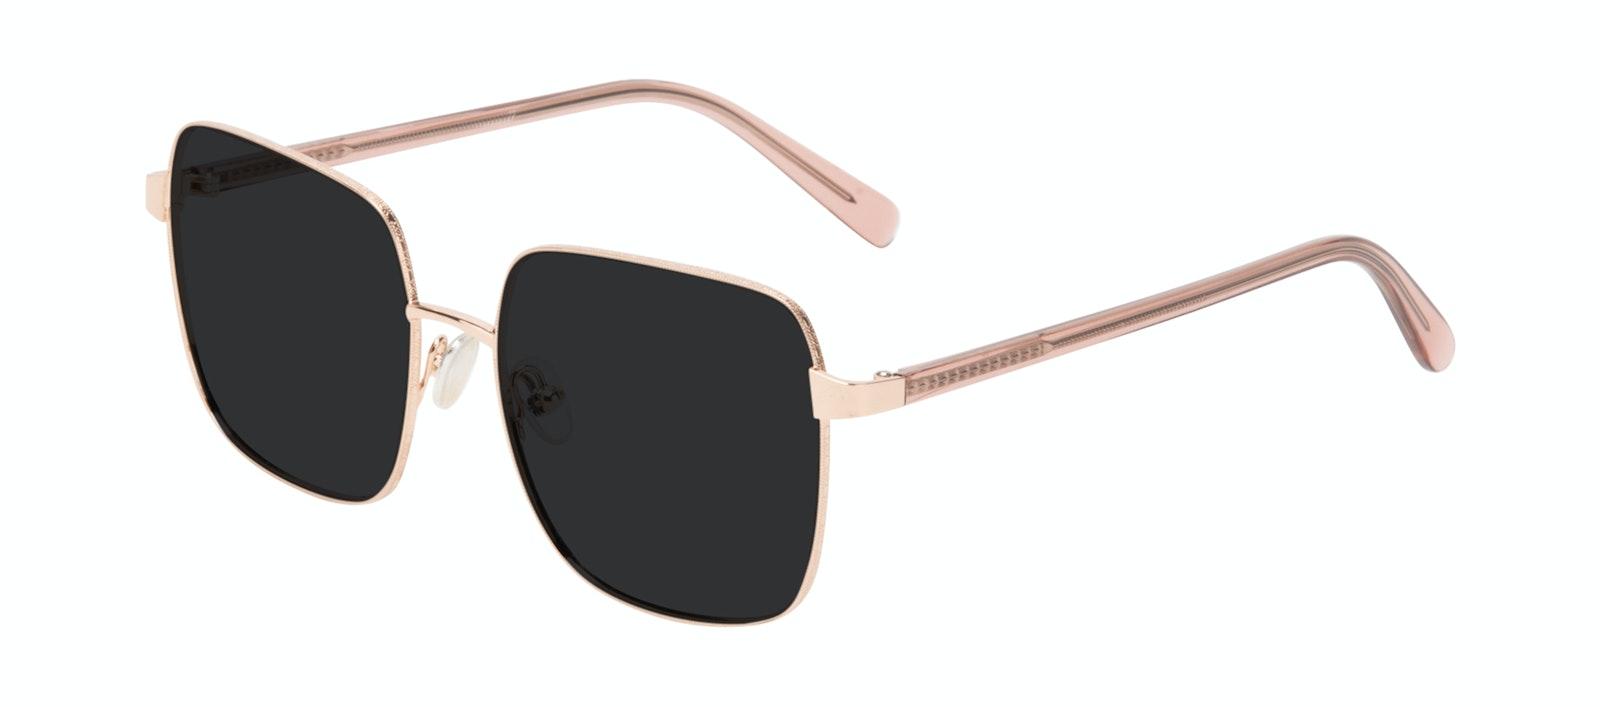 Affordable Fashion Glasses Square Sunglasses Women Fab Rose Tilt